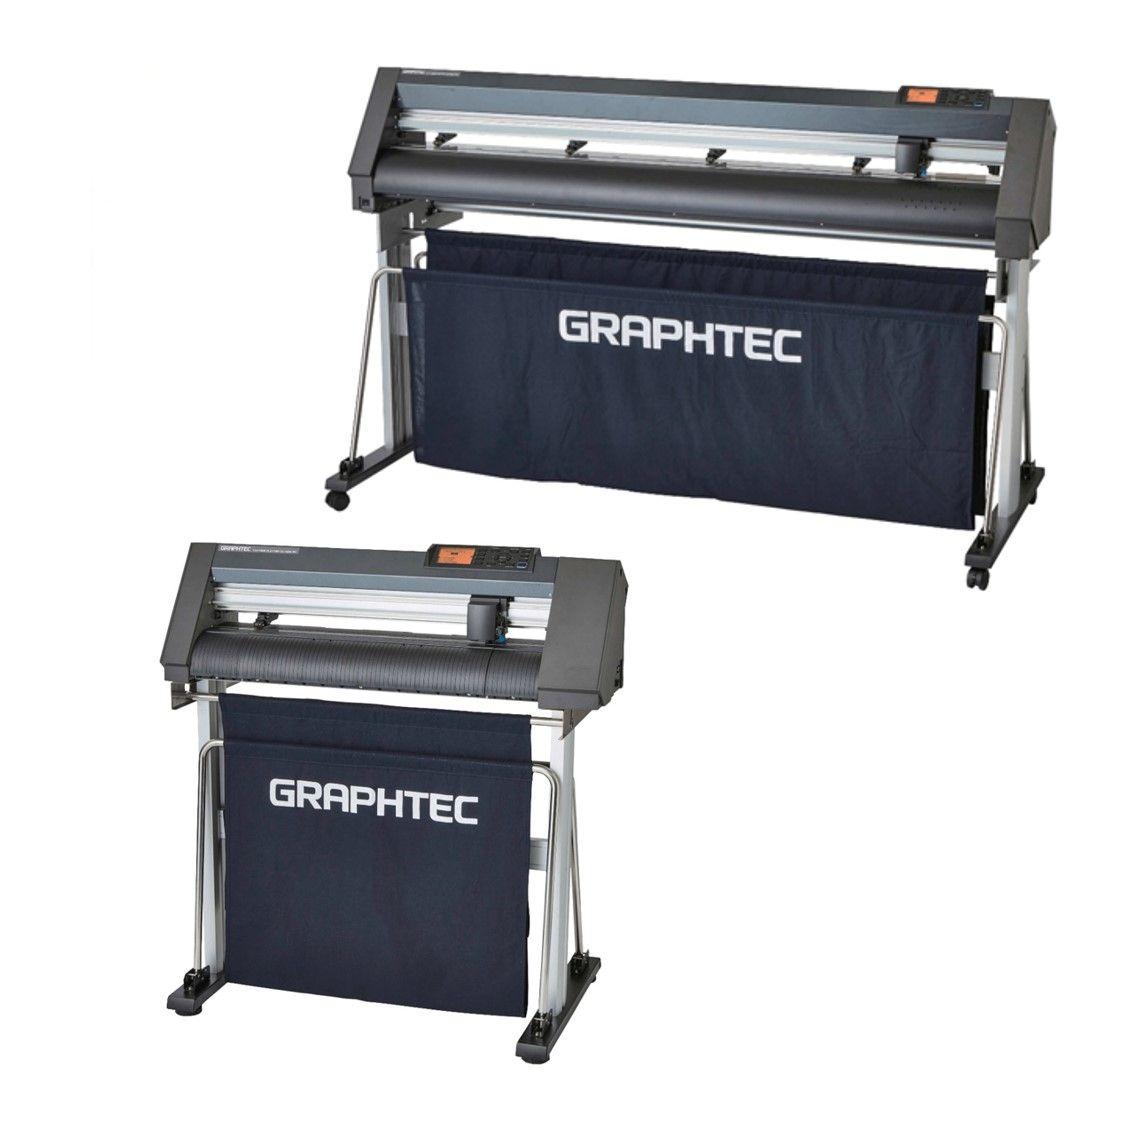 Graphtec Plotter Cutter